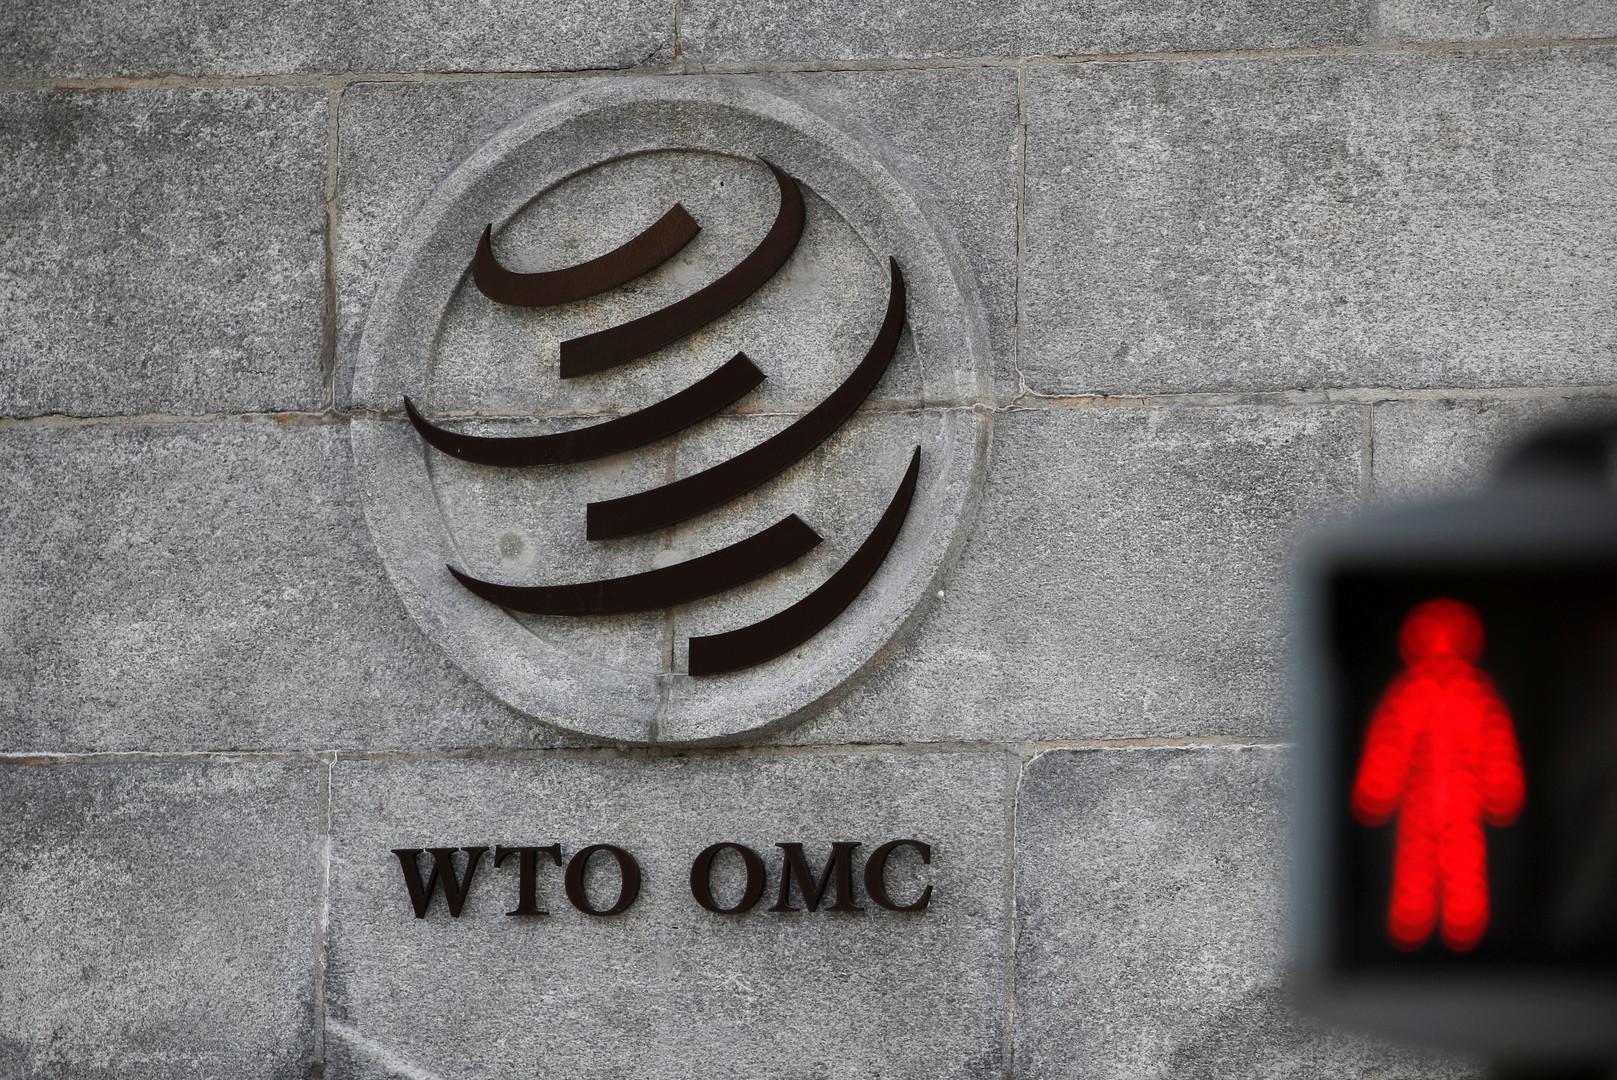 سيئول تحيل قضية خلافها مع طوكيو بشأن الصادرات إلى منظمة التجارة العالمية